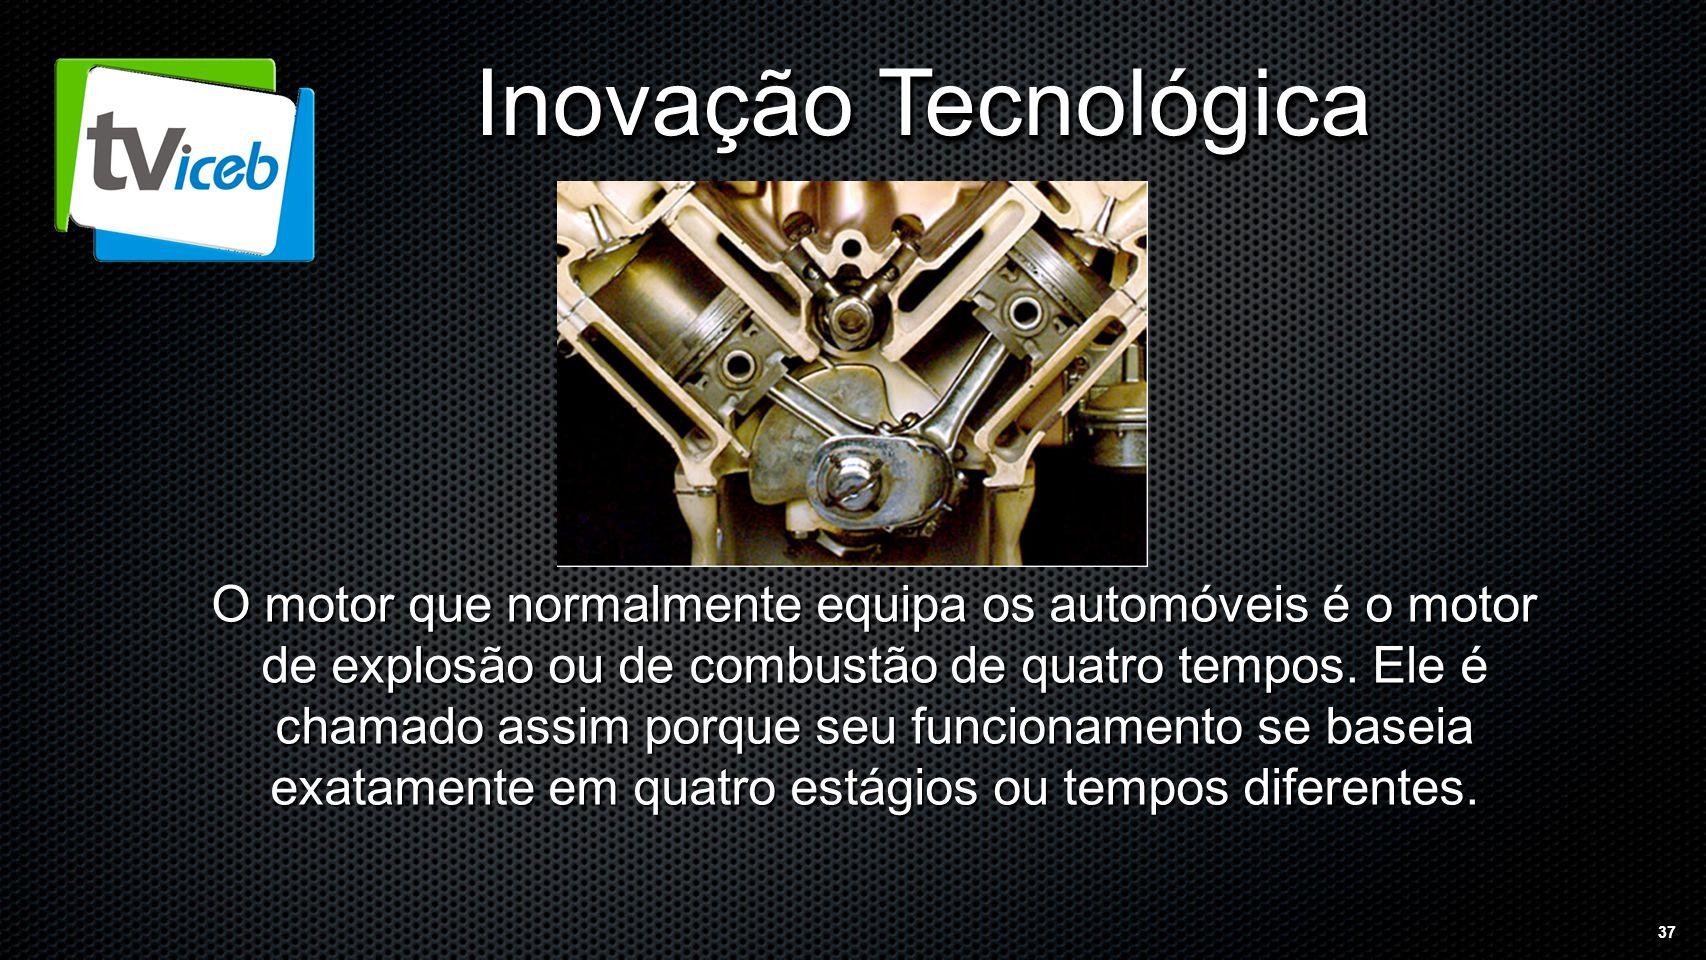 37 Inovação Tecnológica O motor que normalmente equipa os automóveis é o motor de explosão ou de combustão de quatro tempos.